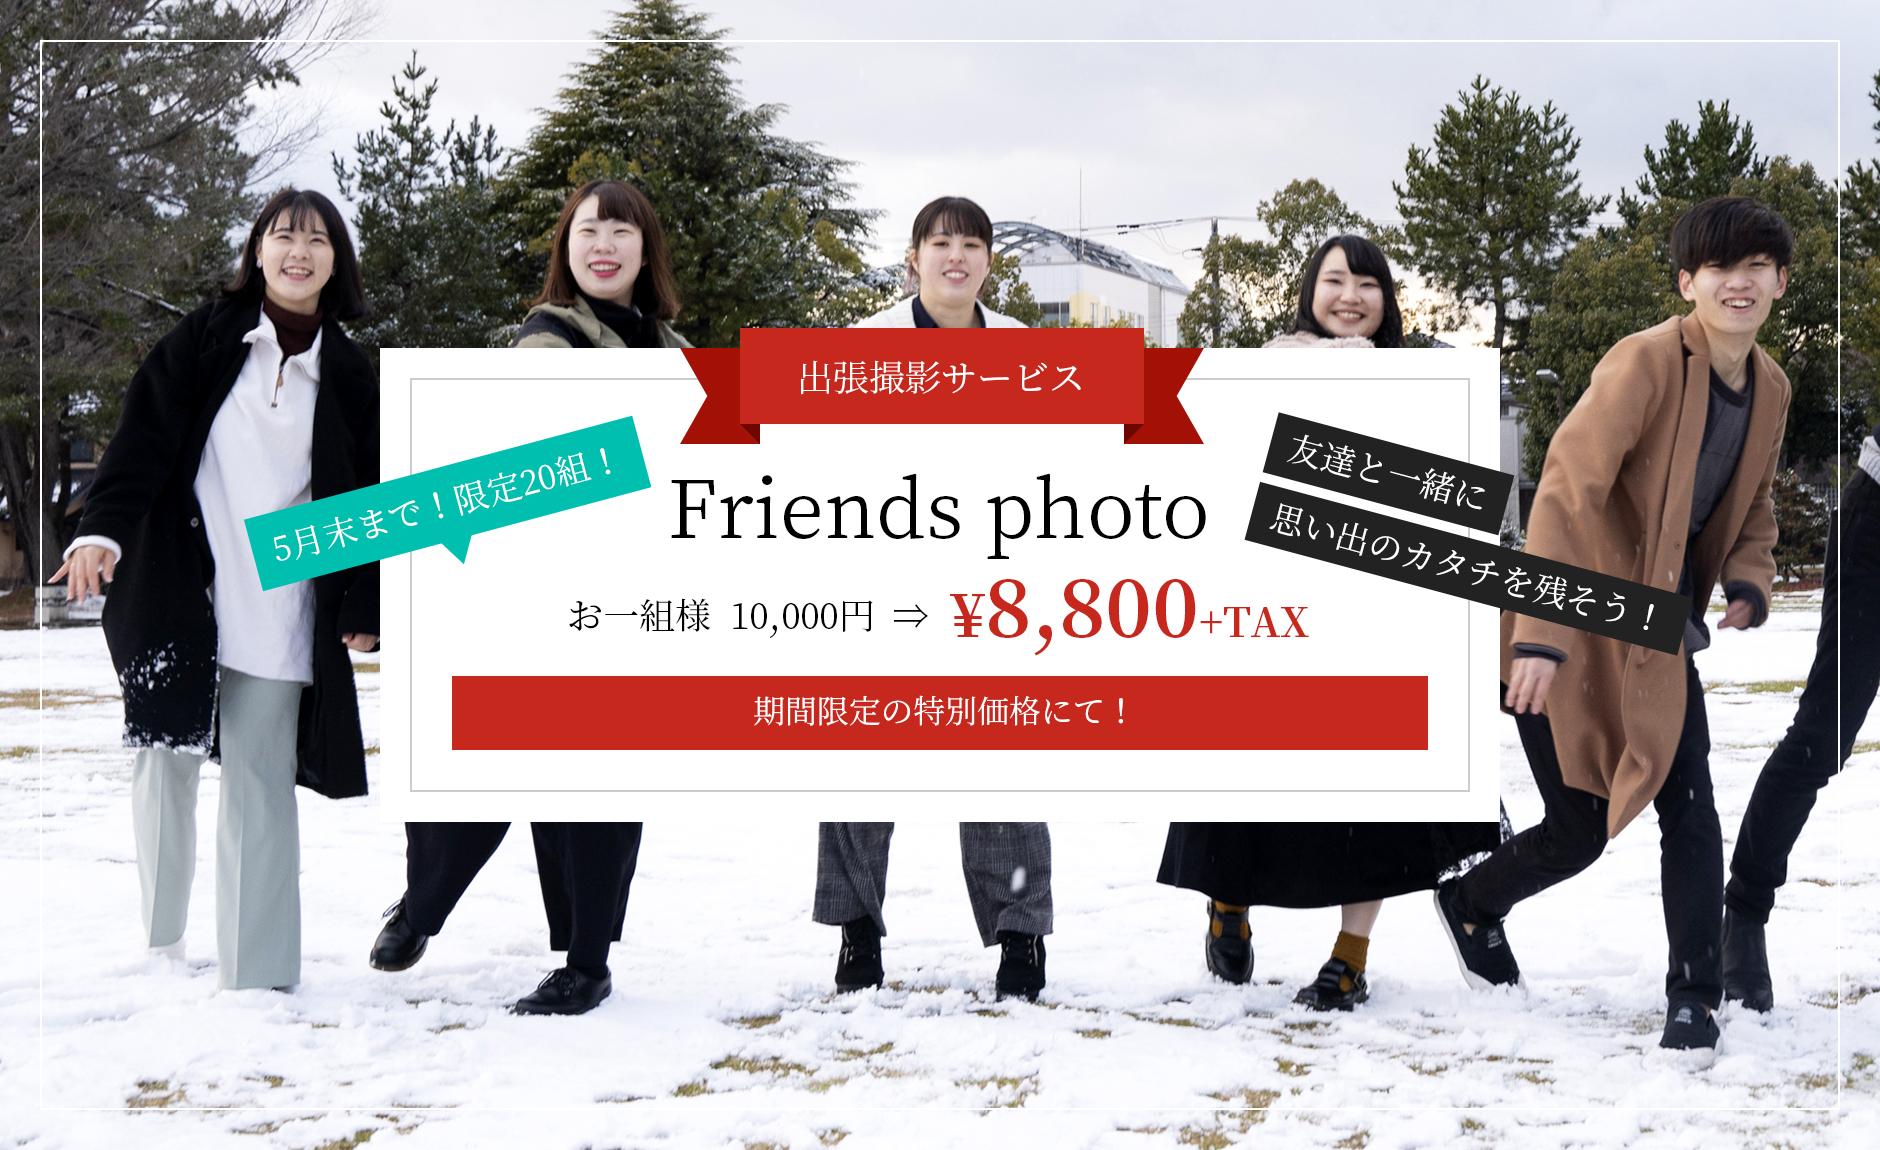 出張撮影サービス Friends photo